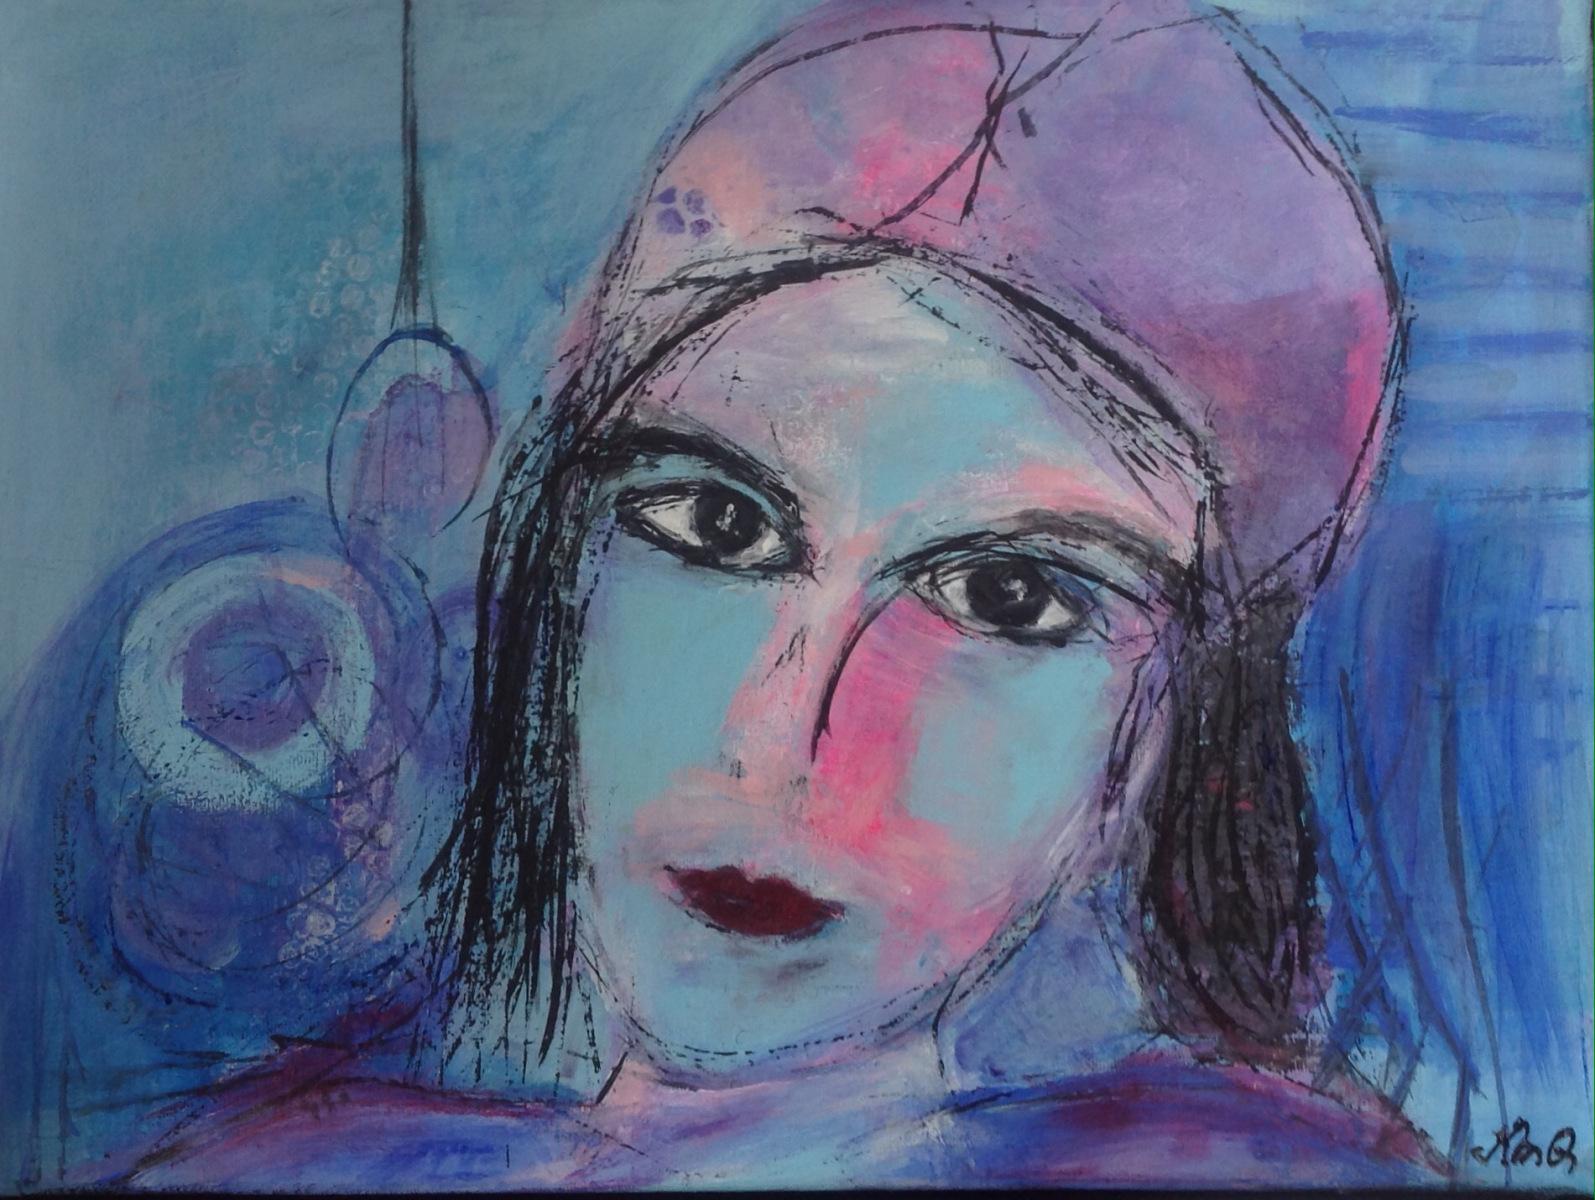 Forsøger mig med portræt maleri  Den blide pige